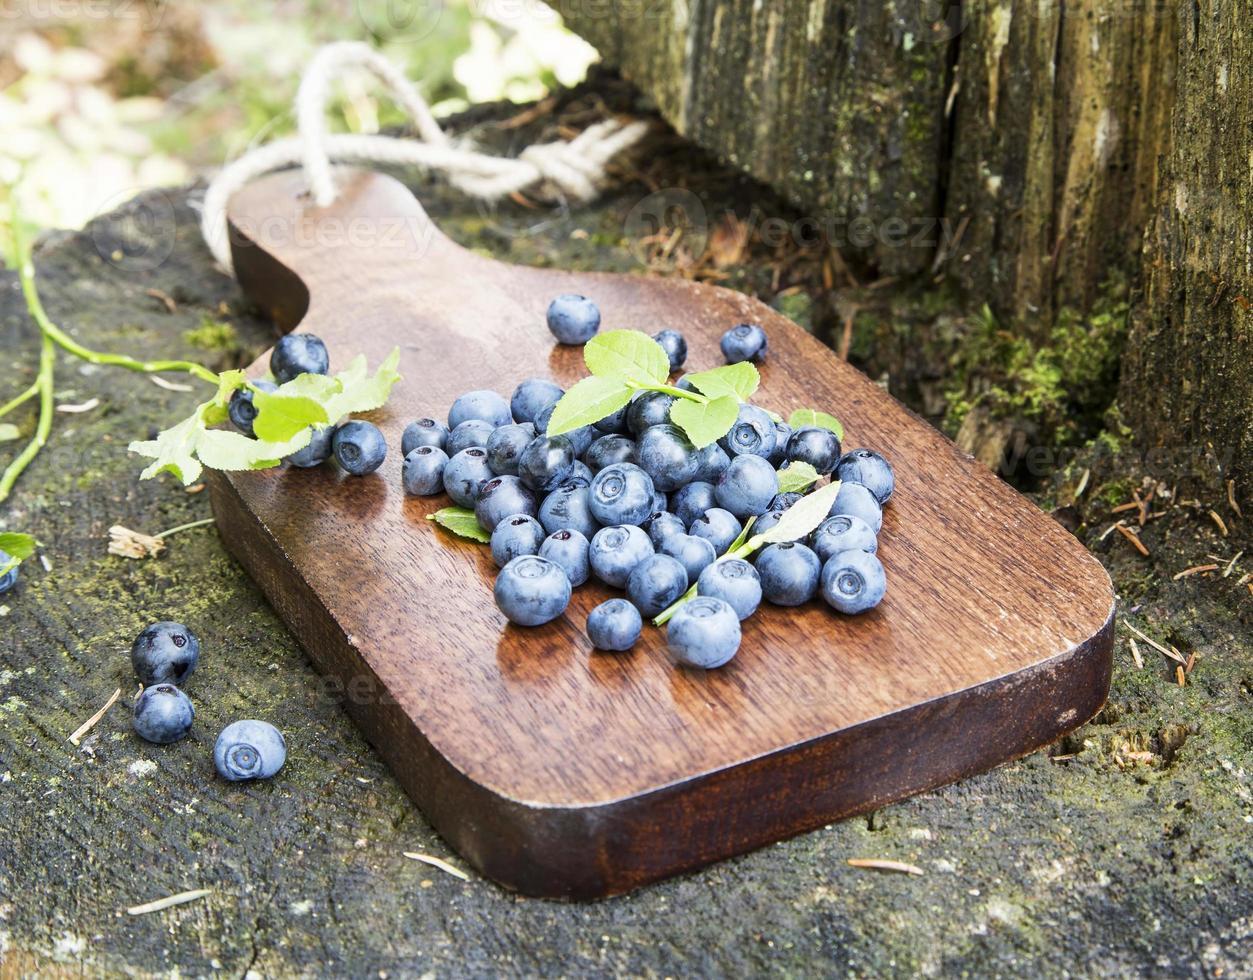 blåbär nyligen plockade från skogen foto